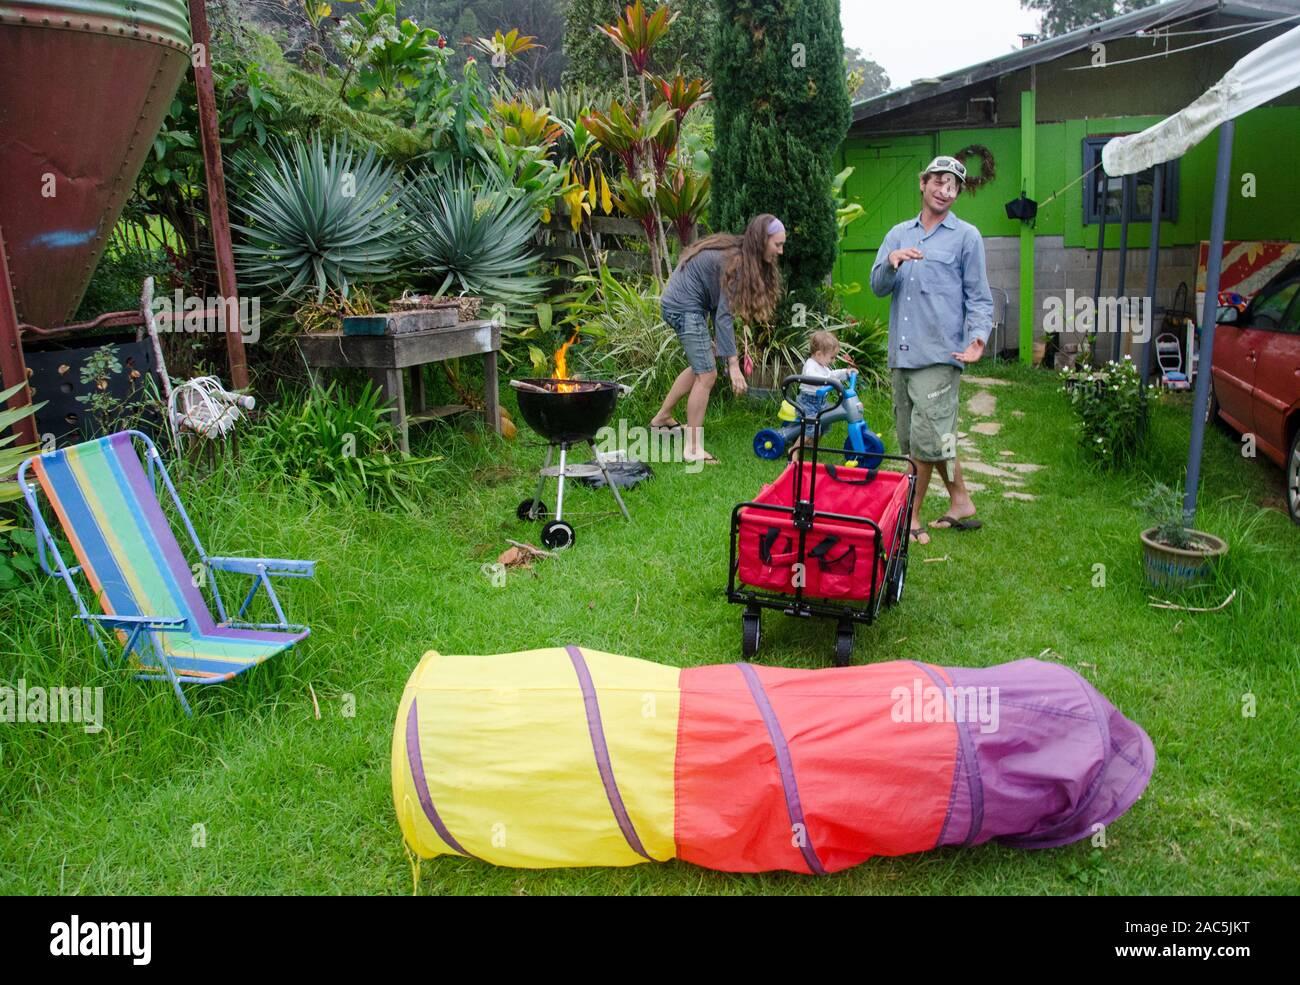 Une jeune mère, père et enfant fils jouer dans leur cour, en commençant avec un barbecue et des jouets éparpillés, Big Island. Banque D'Images